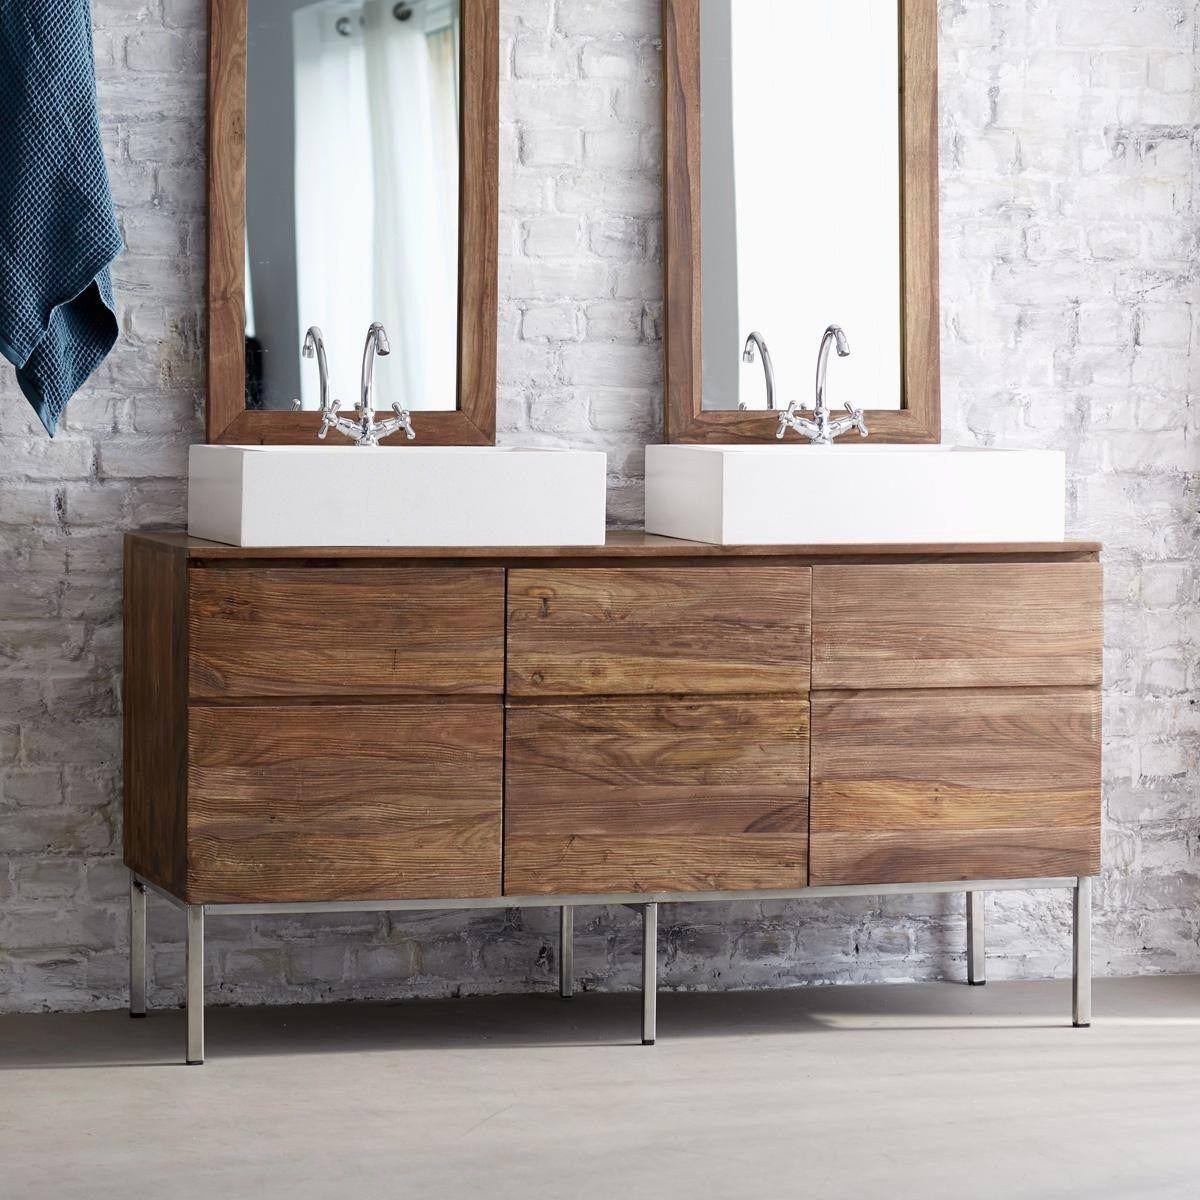 9 Bad Unterschrank Holz Bad Unterschrank Mit Waschbecken Mitrank Mit Bildern Bad Unterschrank Holz Badezimmer Unterschrank Holz Badezimmer Regal Holz